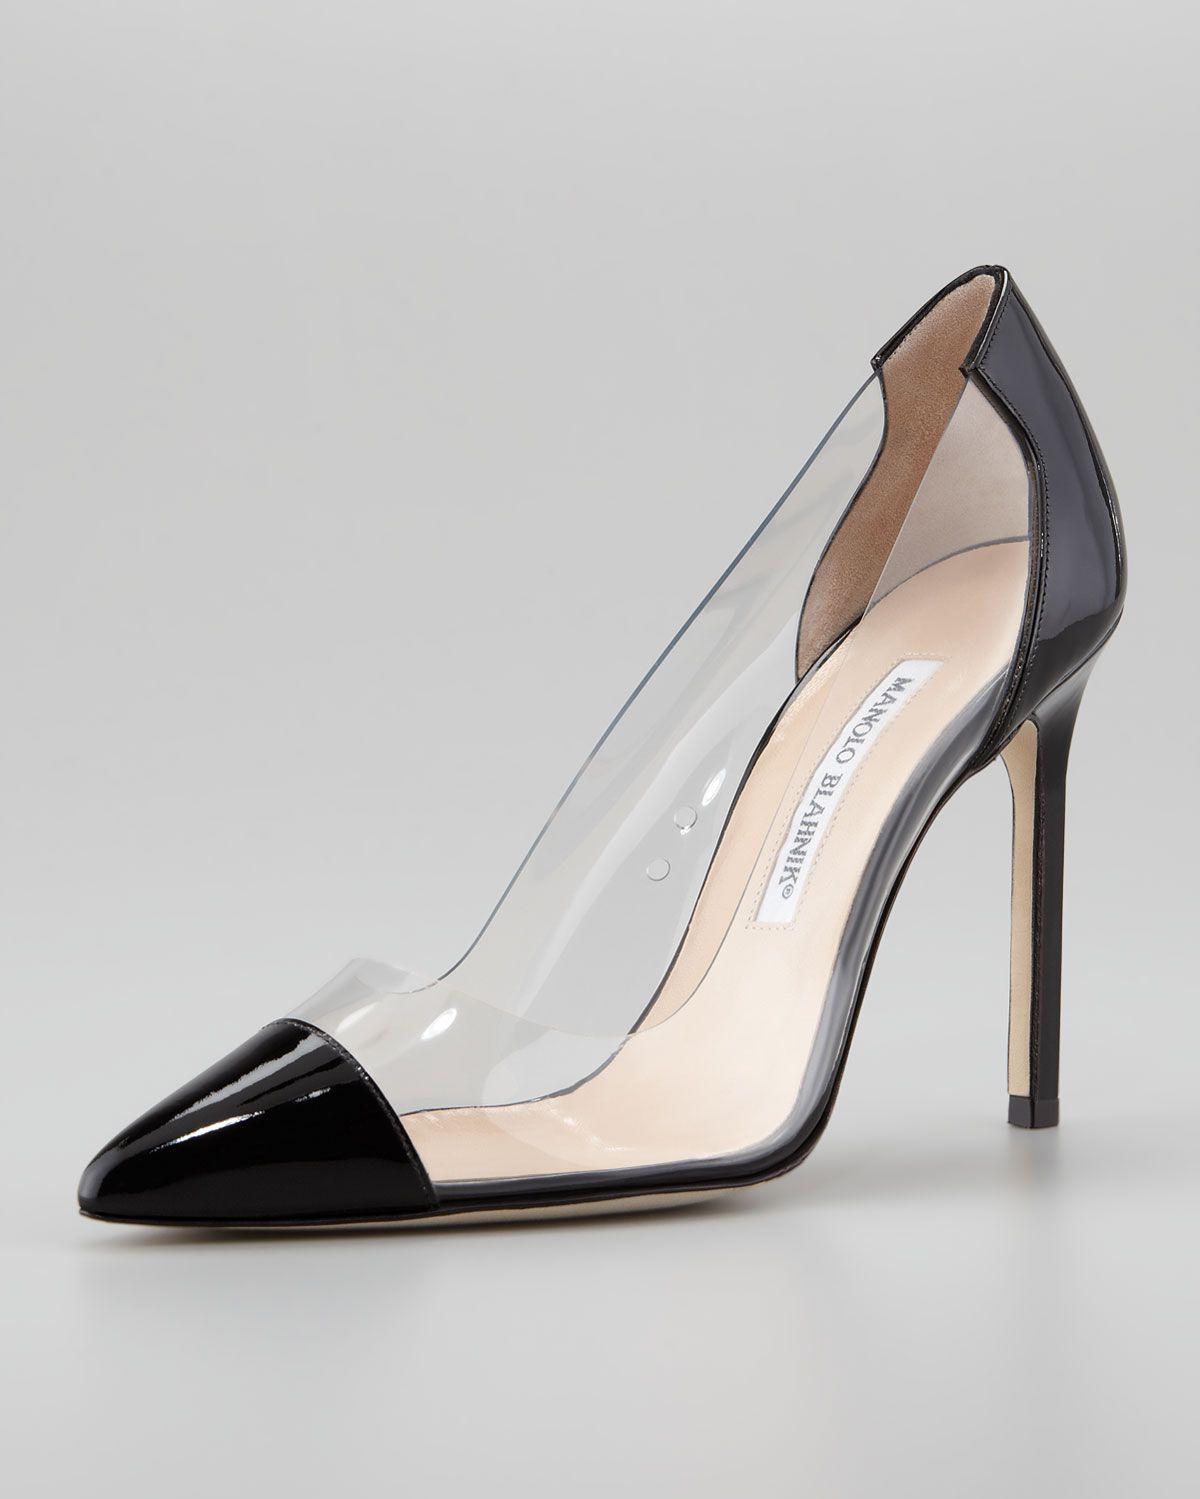 f7faa7beb806b Manolo Blahnik - Presente para o Dia da Criança aqui. # 09. | Shoe ...